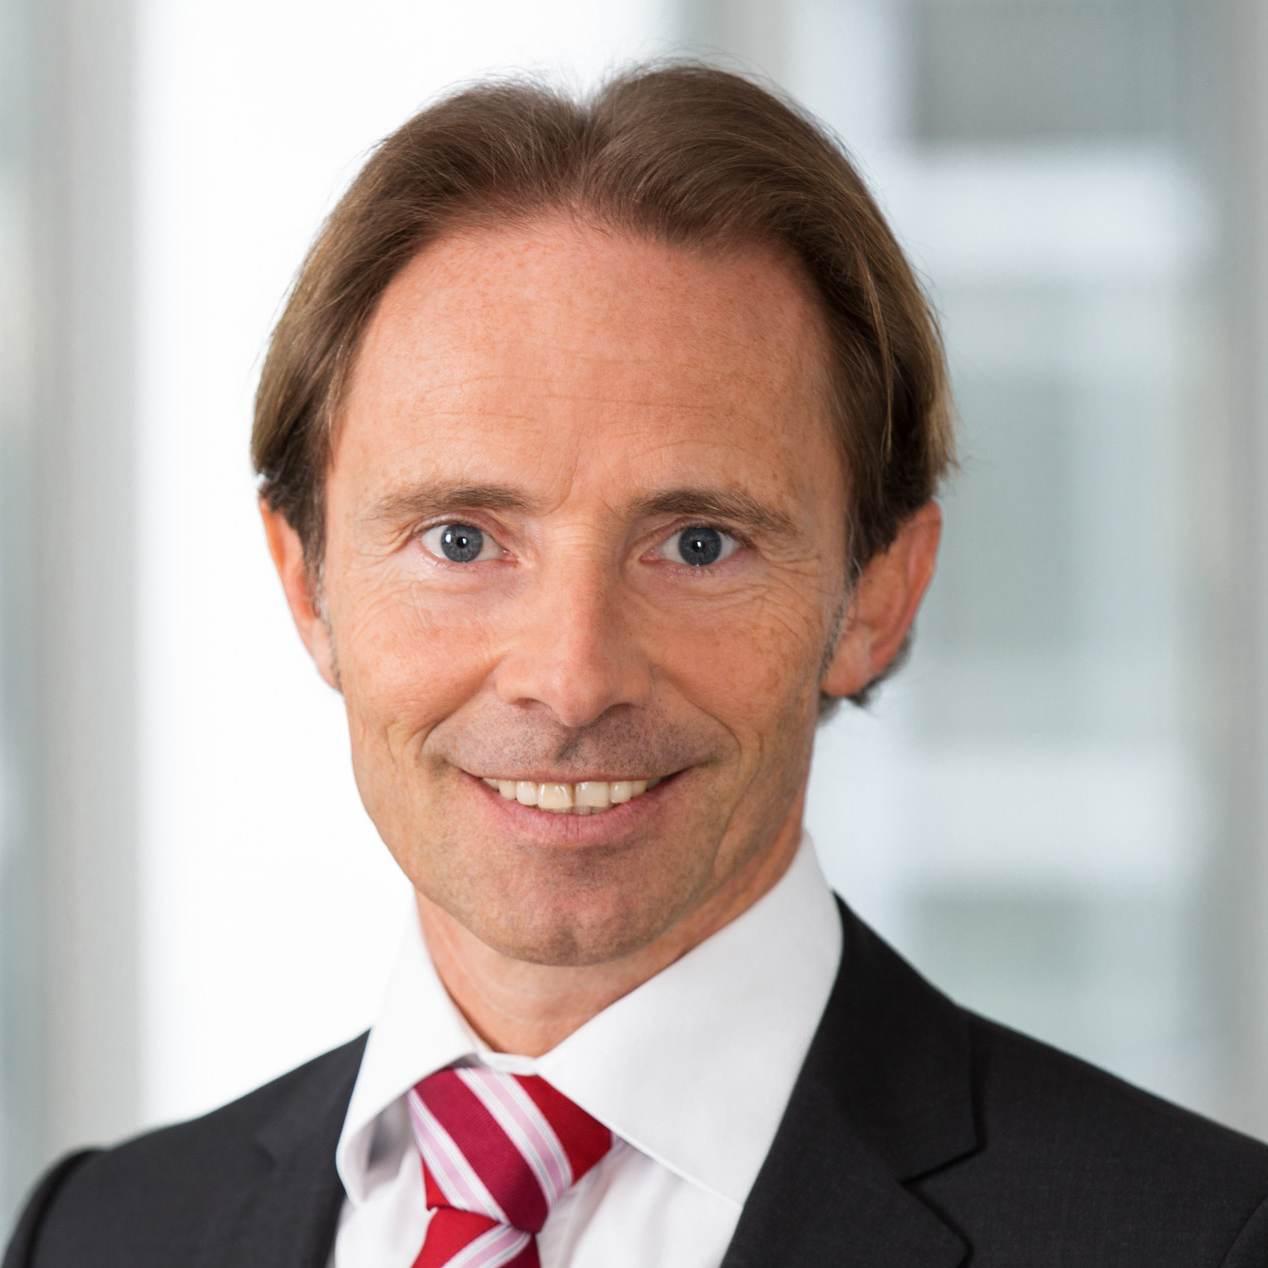 Thomas Dieringer, Managing Director bei Jaggaer Austria. Abbildung: Mercateo Unite